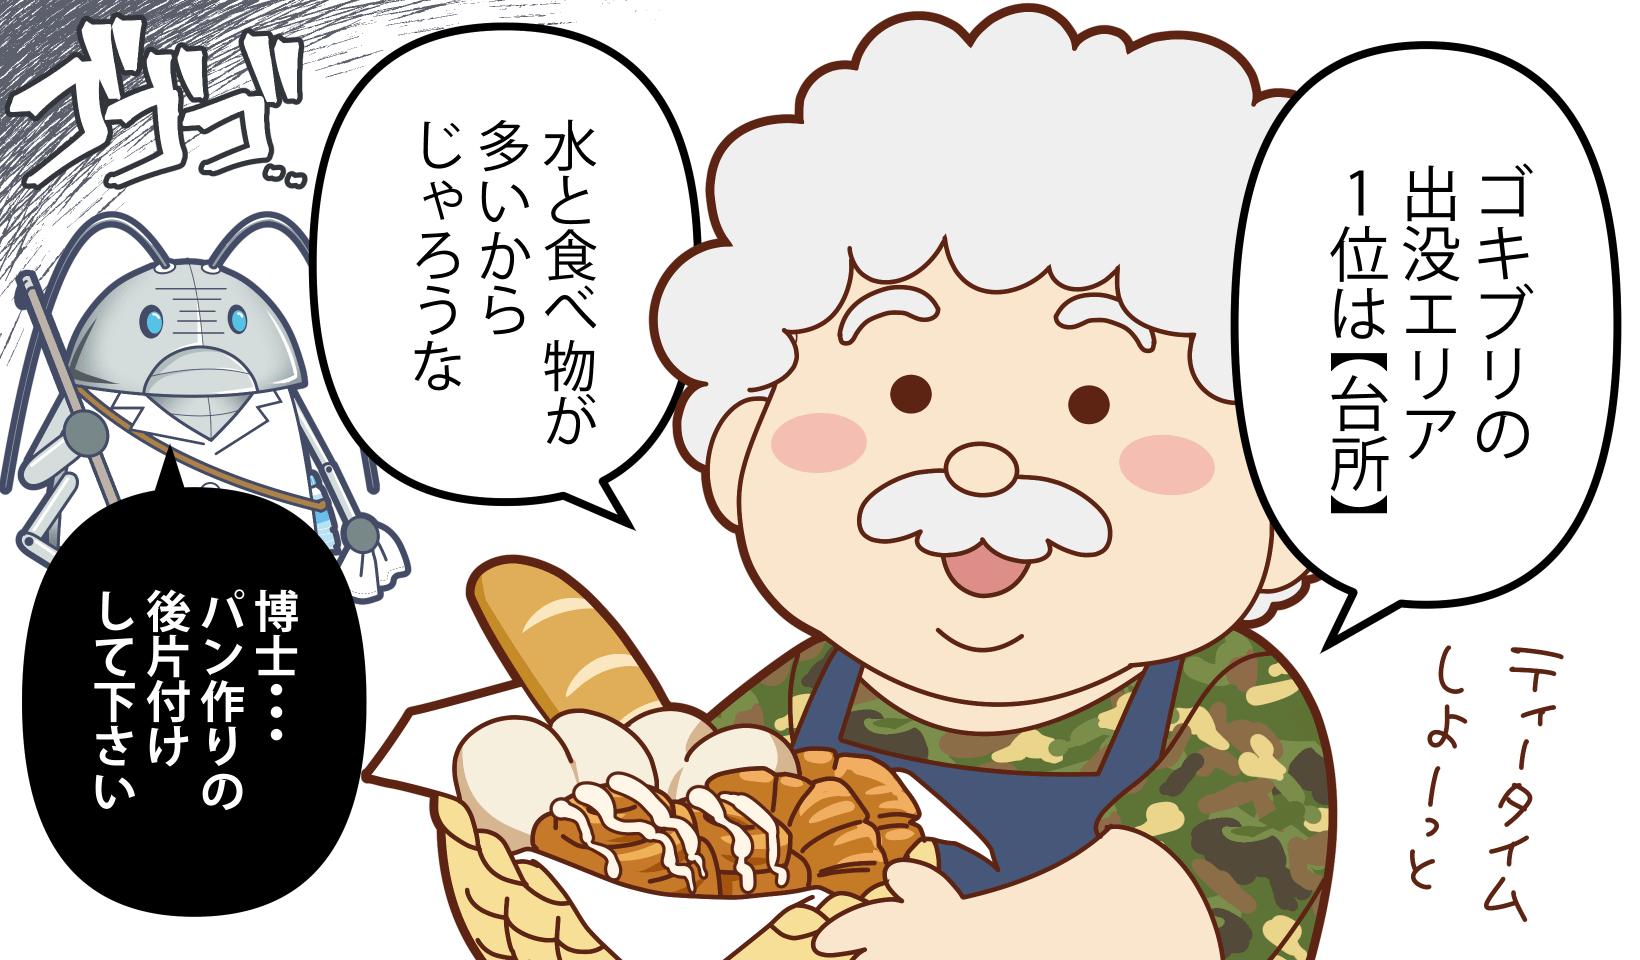 パンを抱えているごきた博士